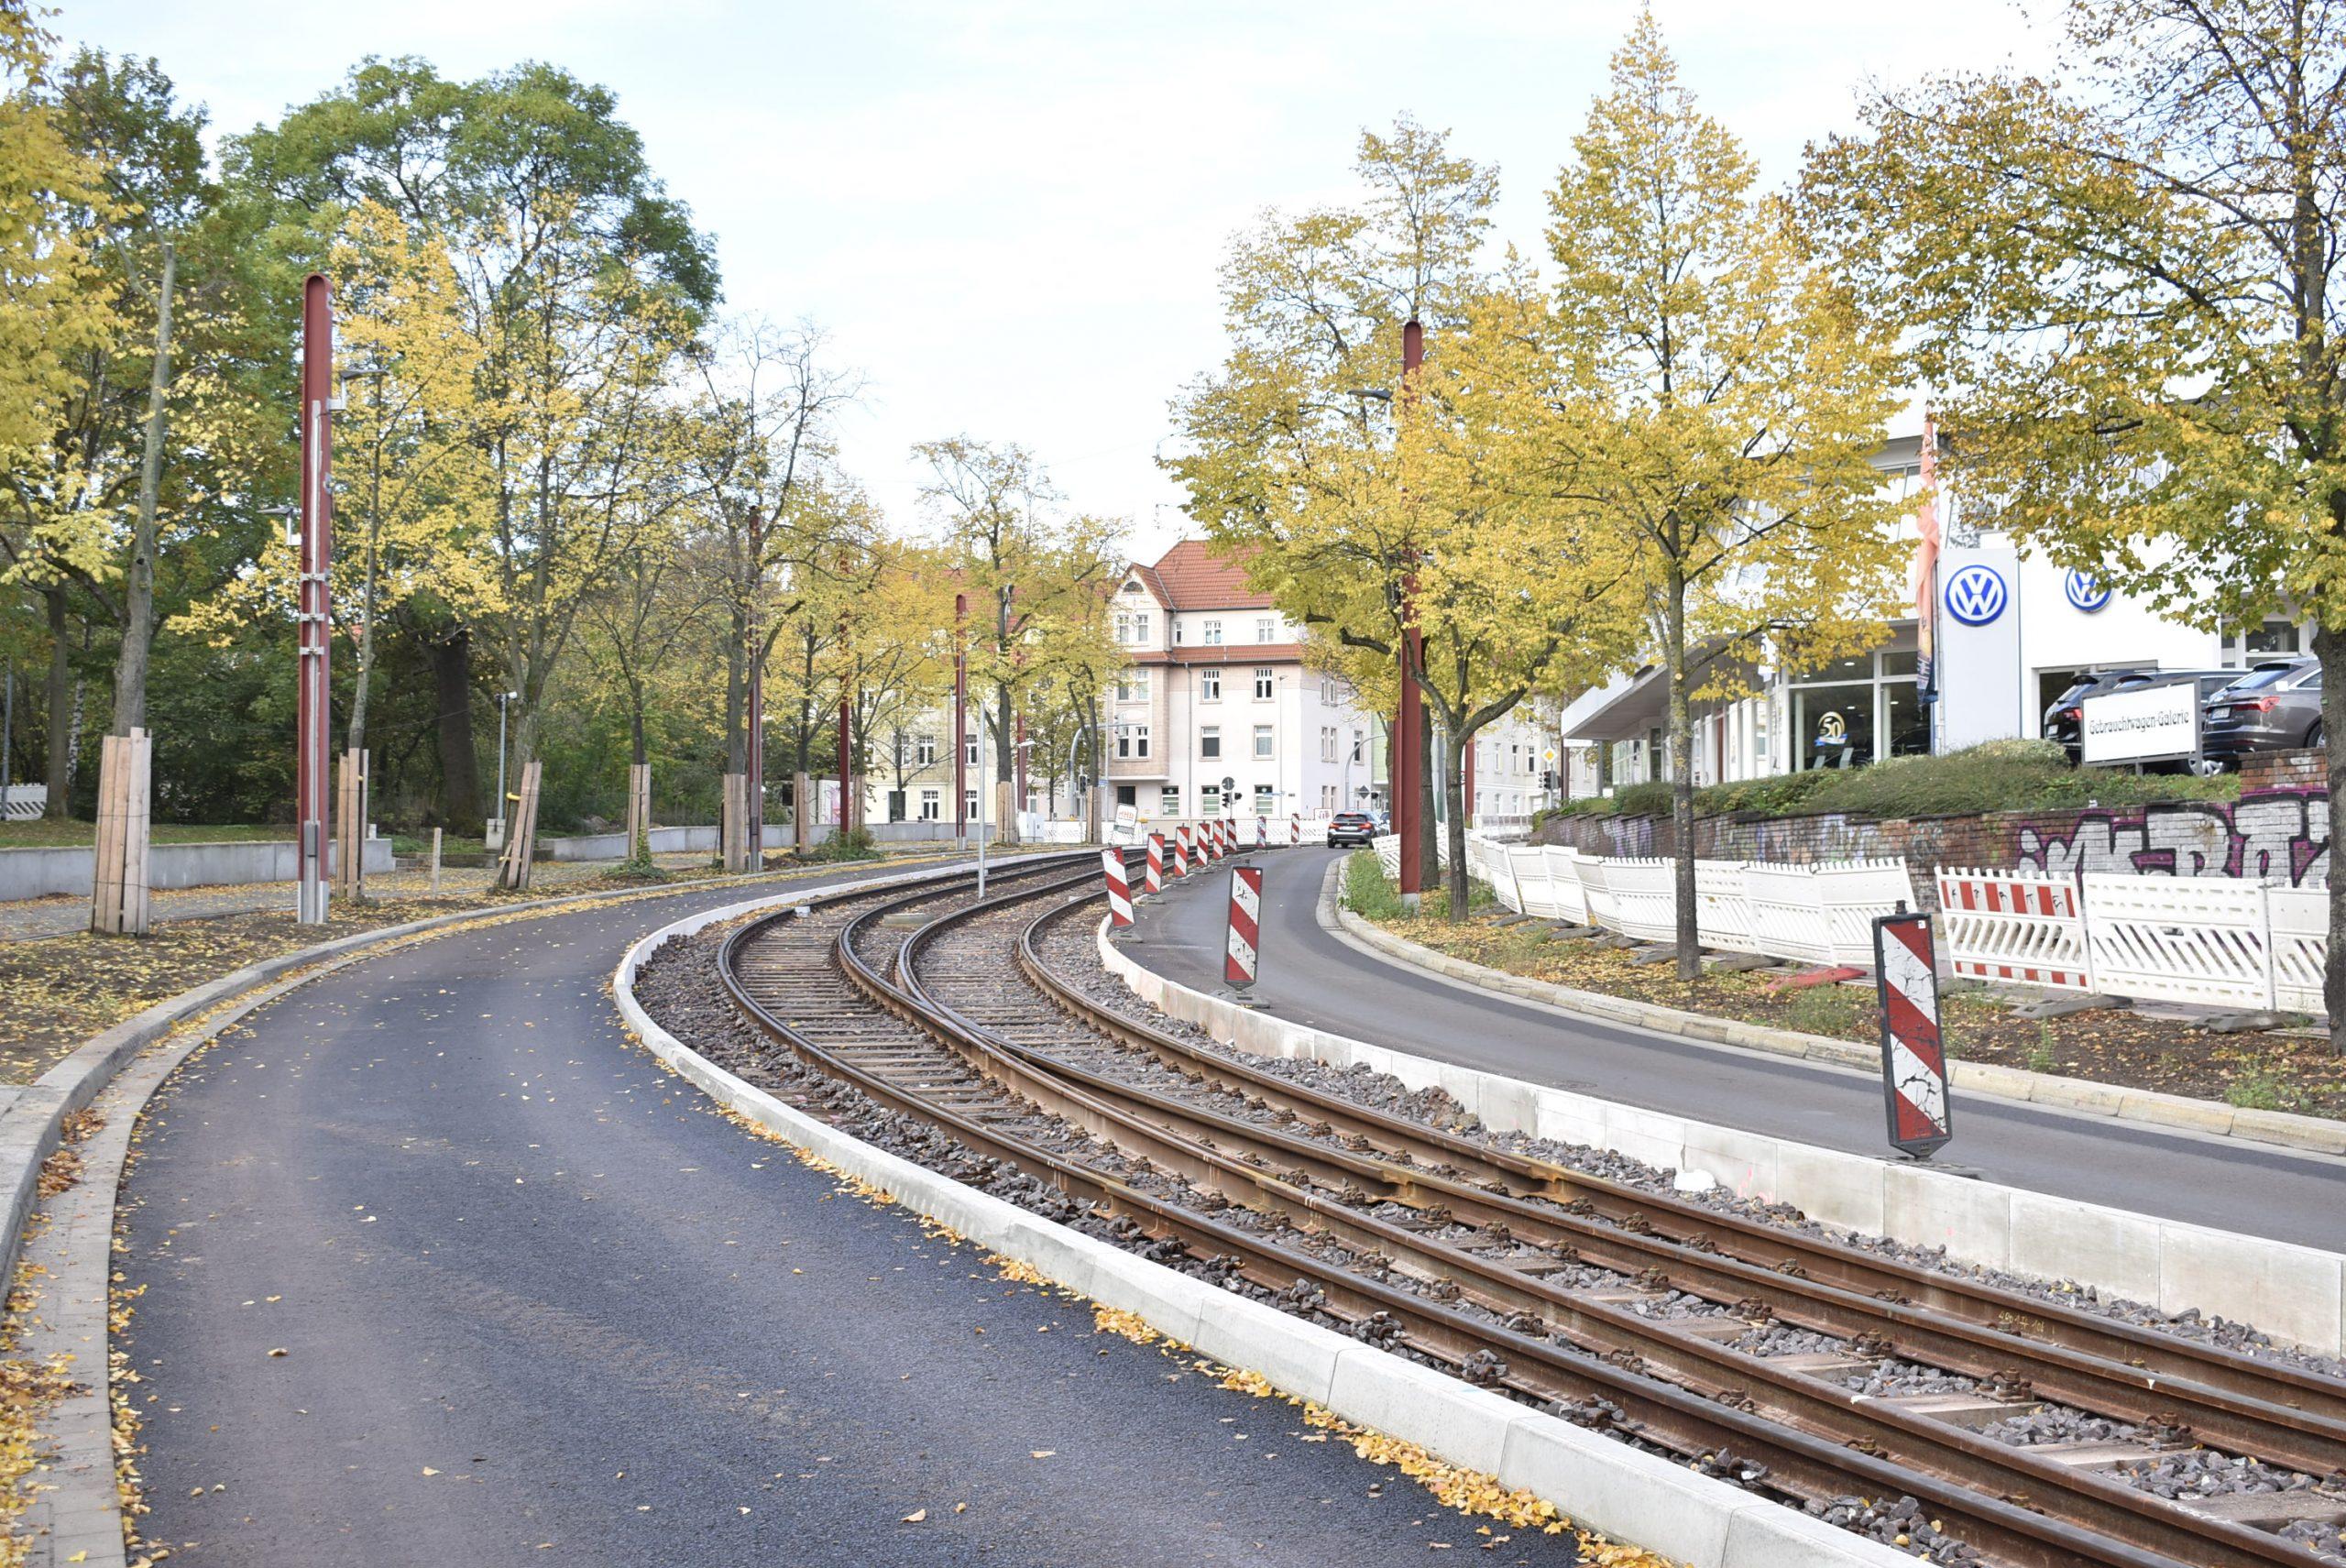 Gleise in der Warschauer Straße, Blickrichtung Dodendorfer Straße.